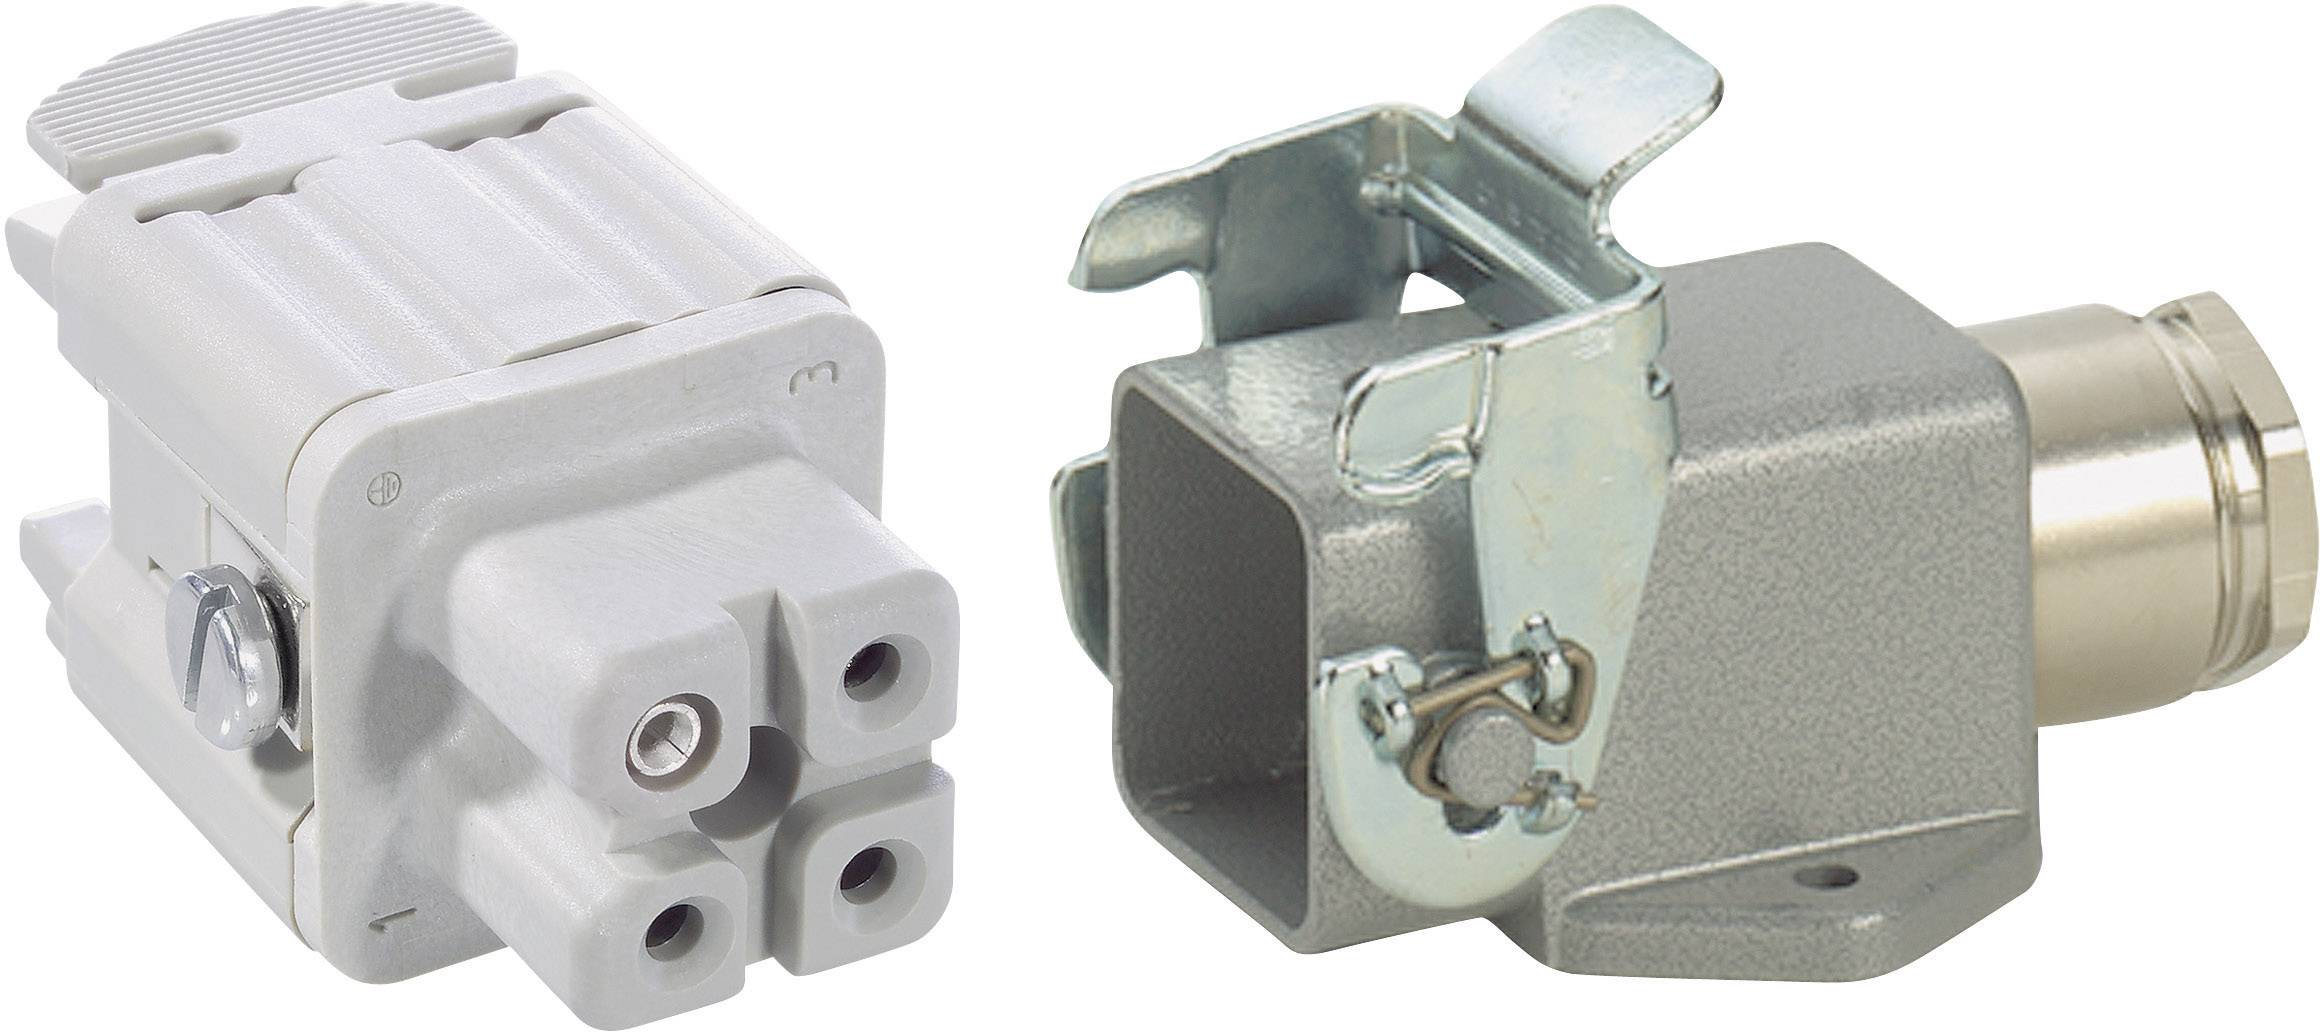 Sada konektorů EPIC®KIT H-A 3 75009610 LappKabel 3 + PE šroubovací 1 sada